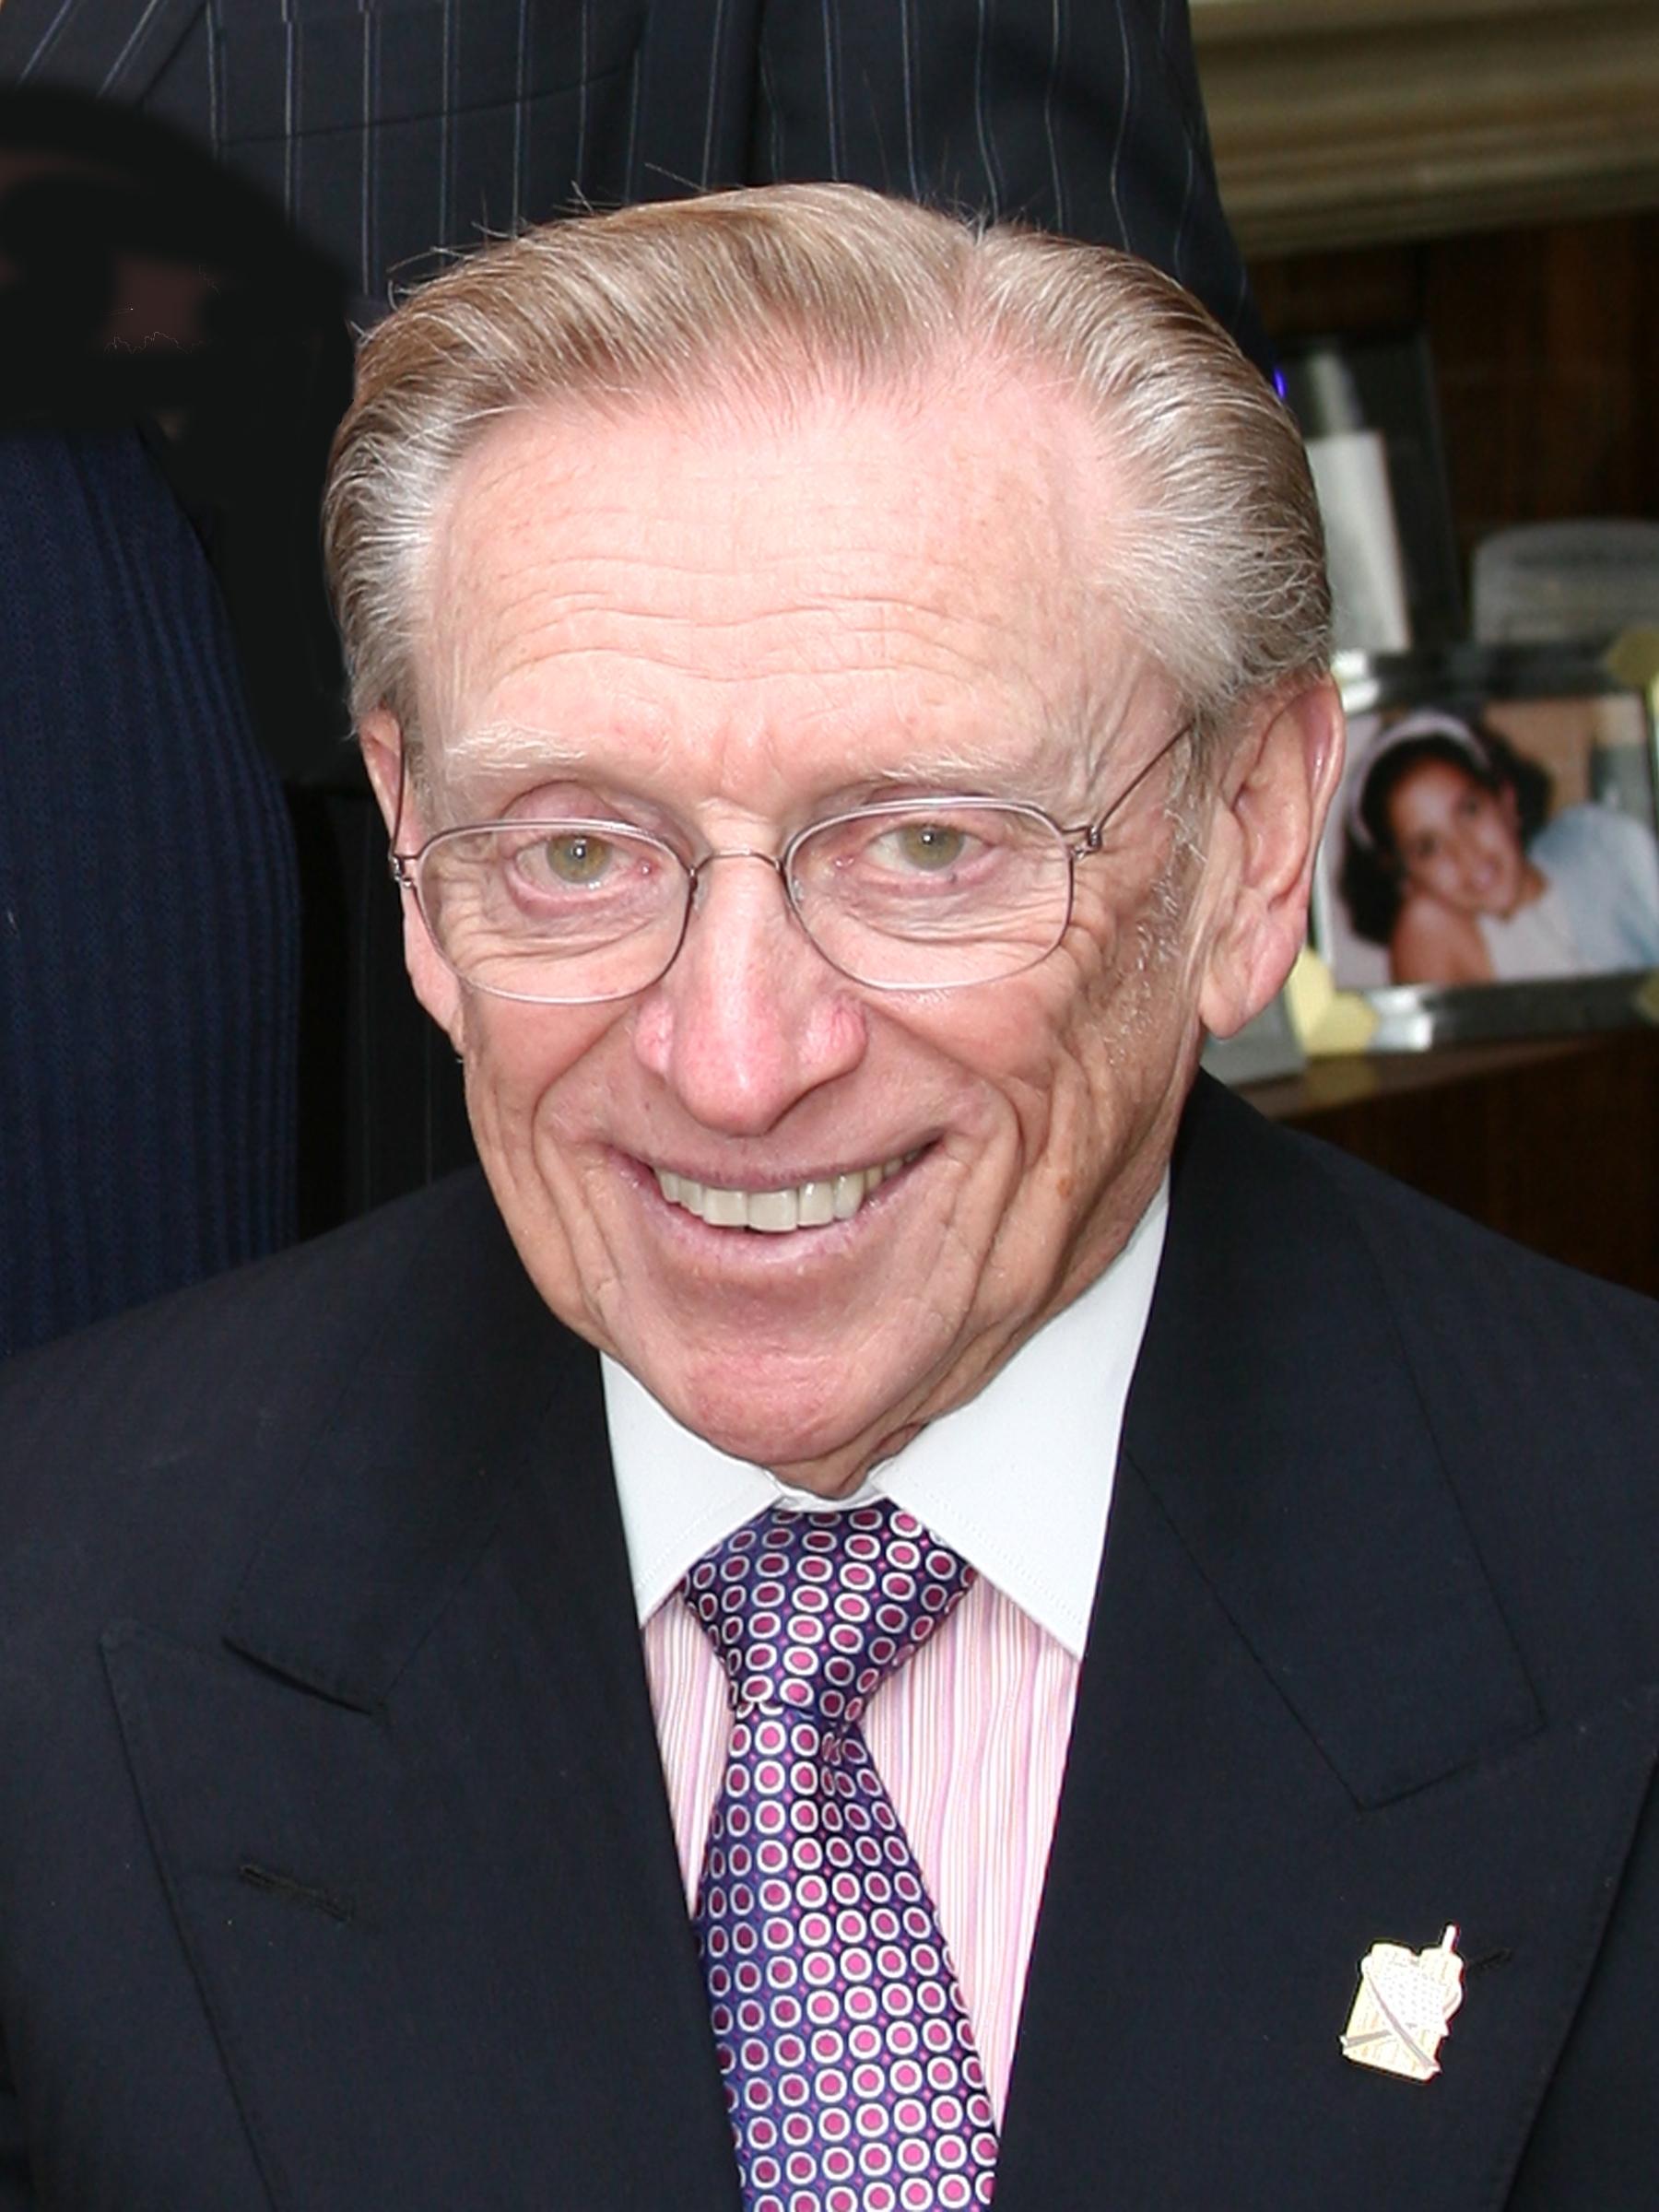 Larry Silverstein Net Worth